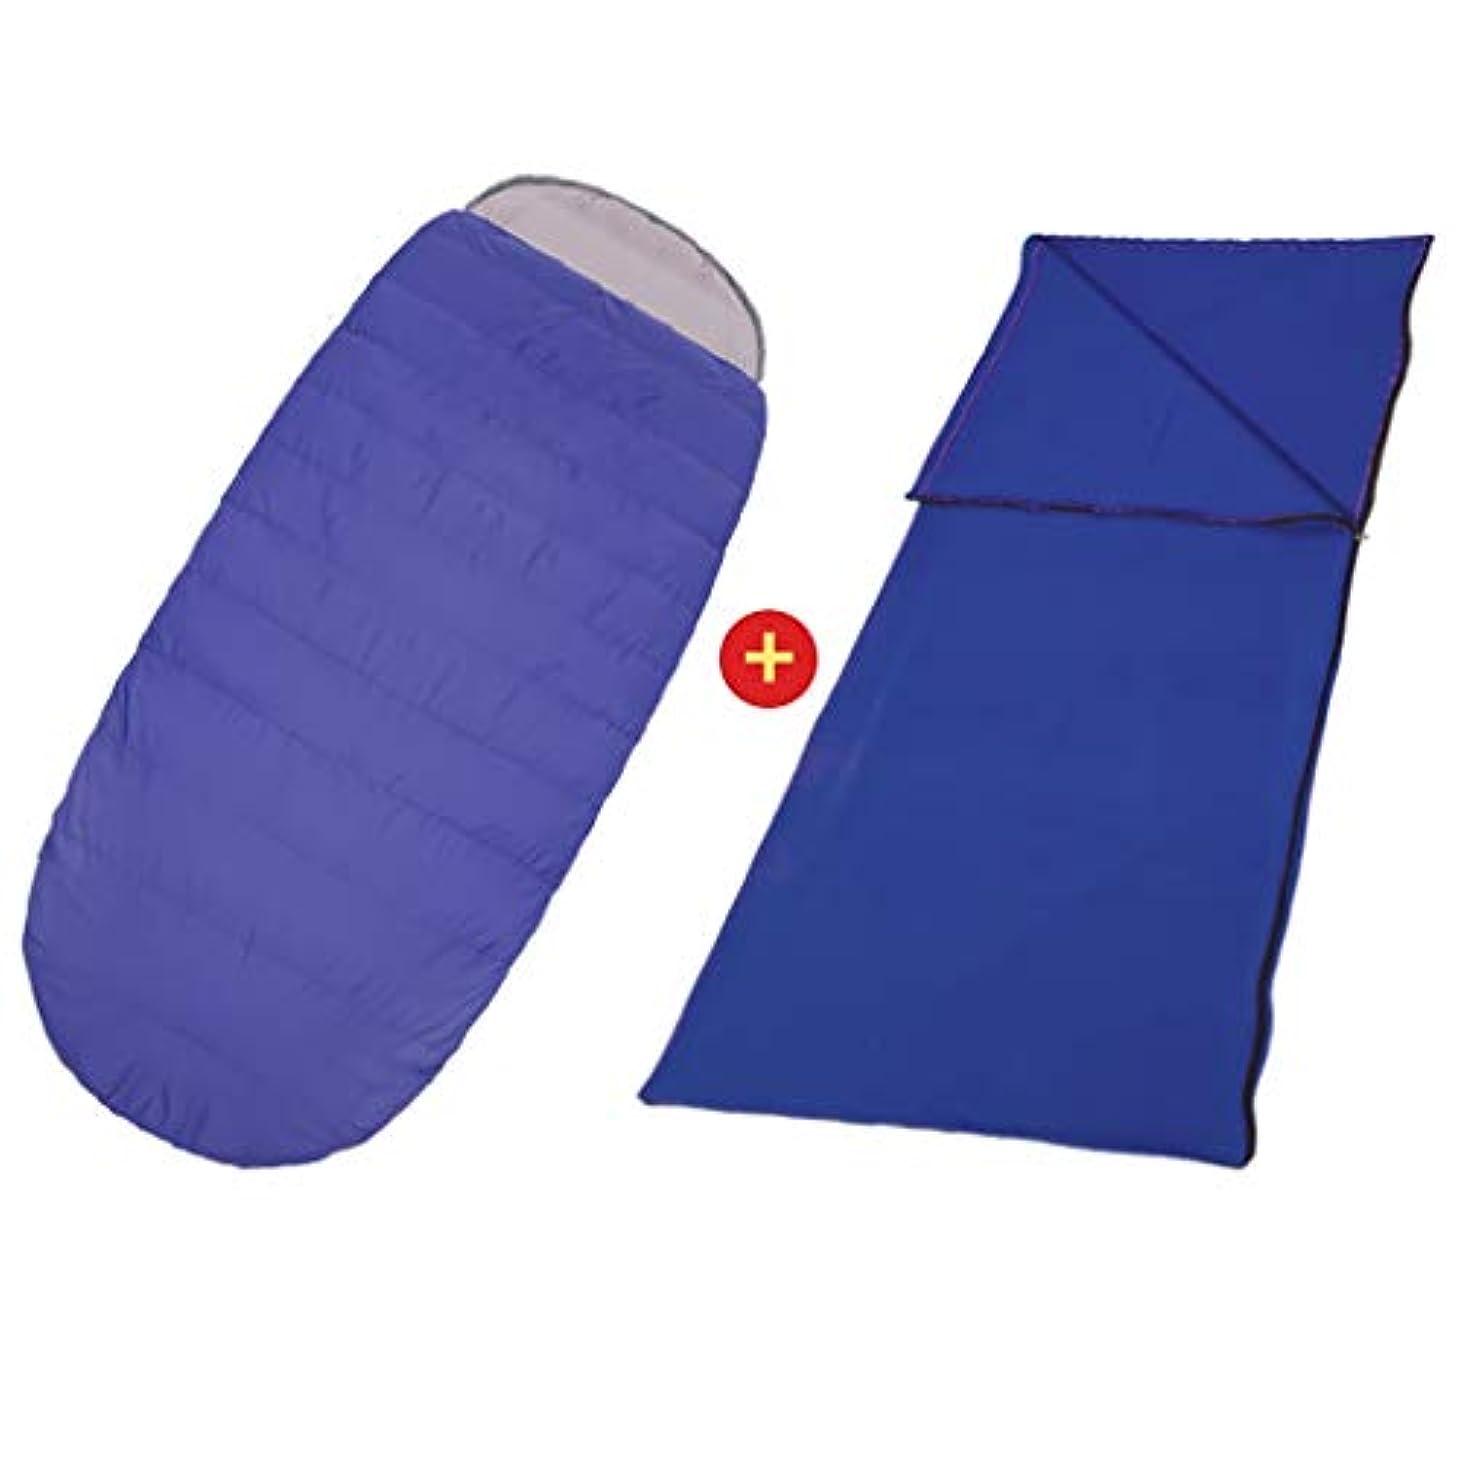 雇用者ロイヤリティバケツYLIAN 寝袋 フリースはダウンキャンプバックパッキング用のパッドスリープ寝袋キルト超軽量テントスリーピング、大人のためのバッグライナー、軽量寝袋寒冷スリーピング付き (Color : Blue 2.15KG)